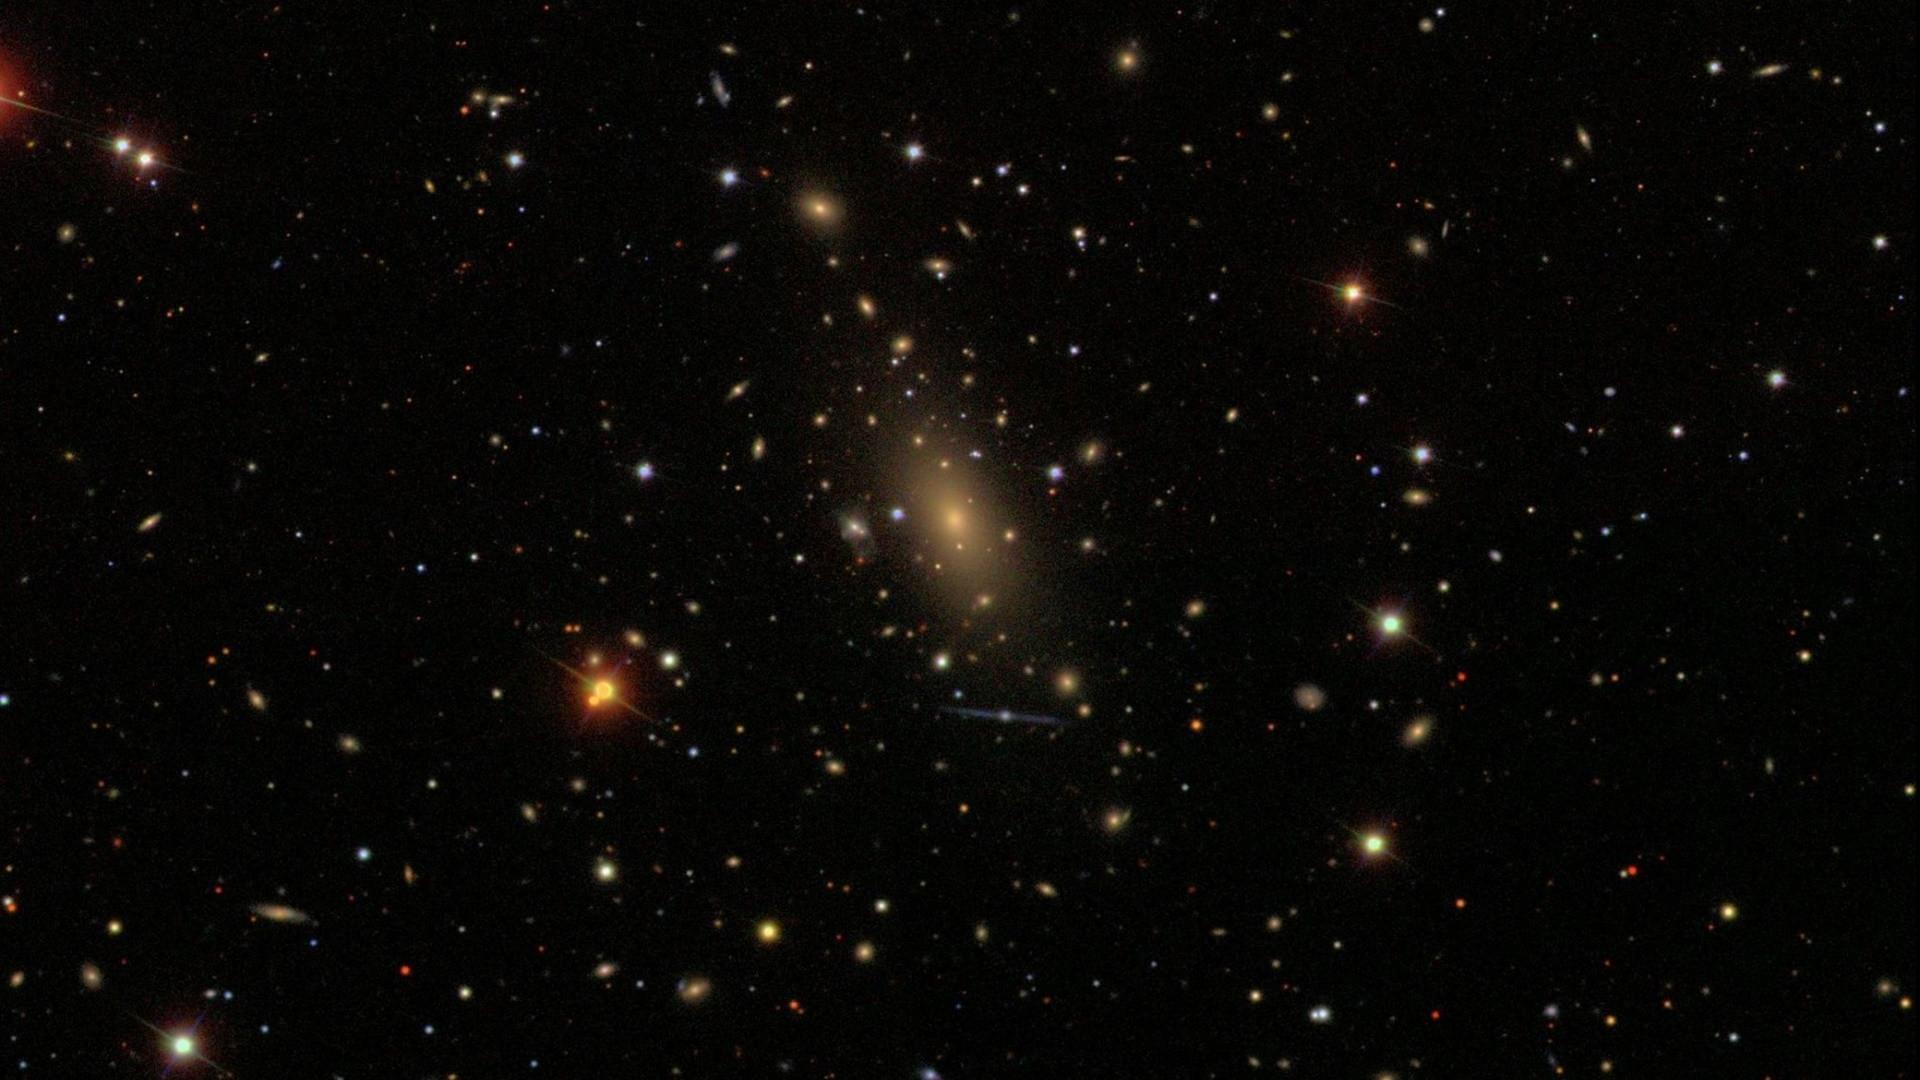 Kalıntı galaksi samanyolunun yanında görüntülendi